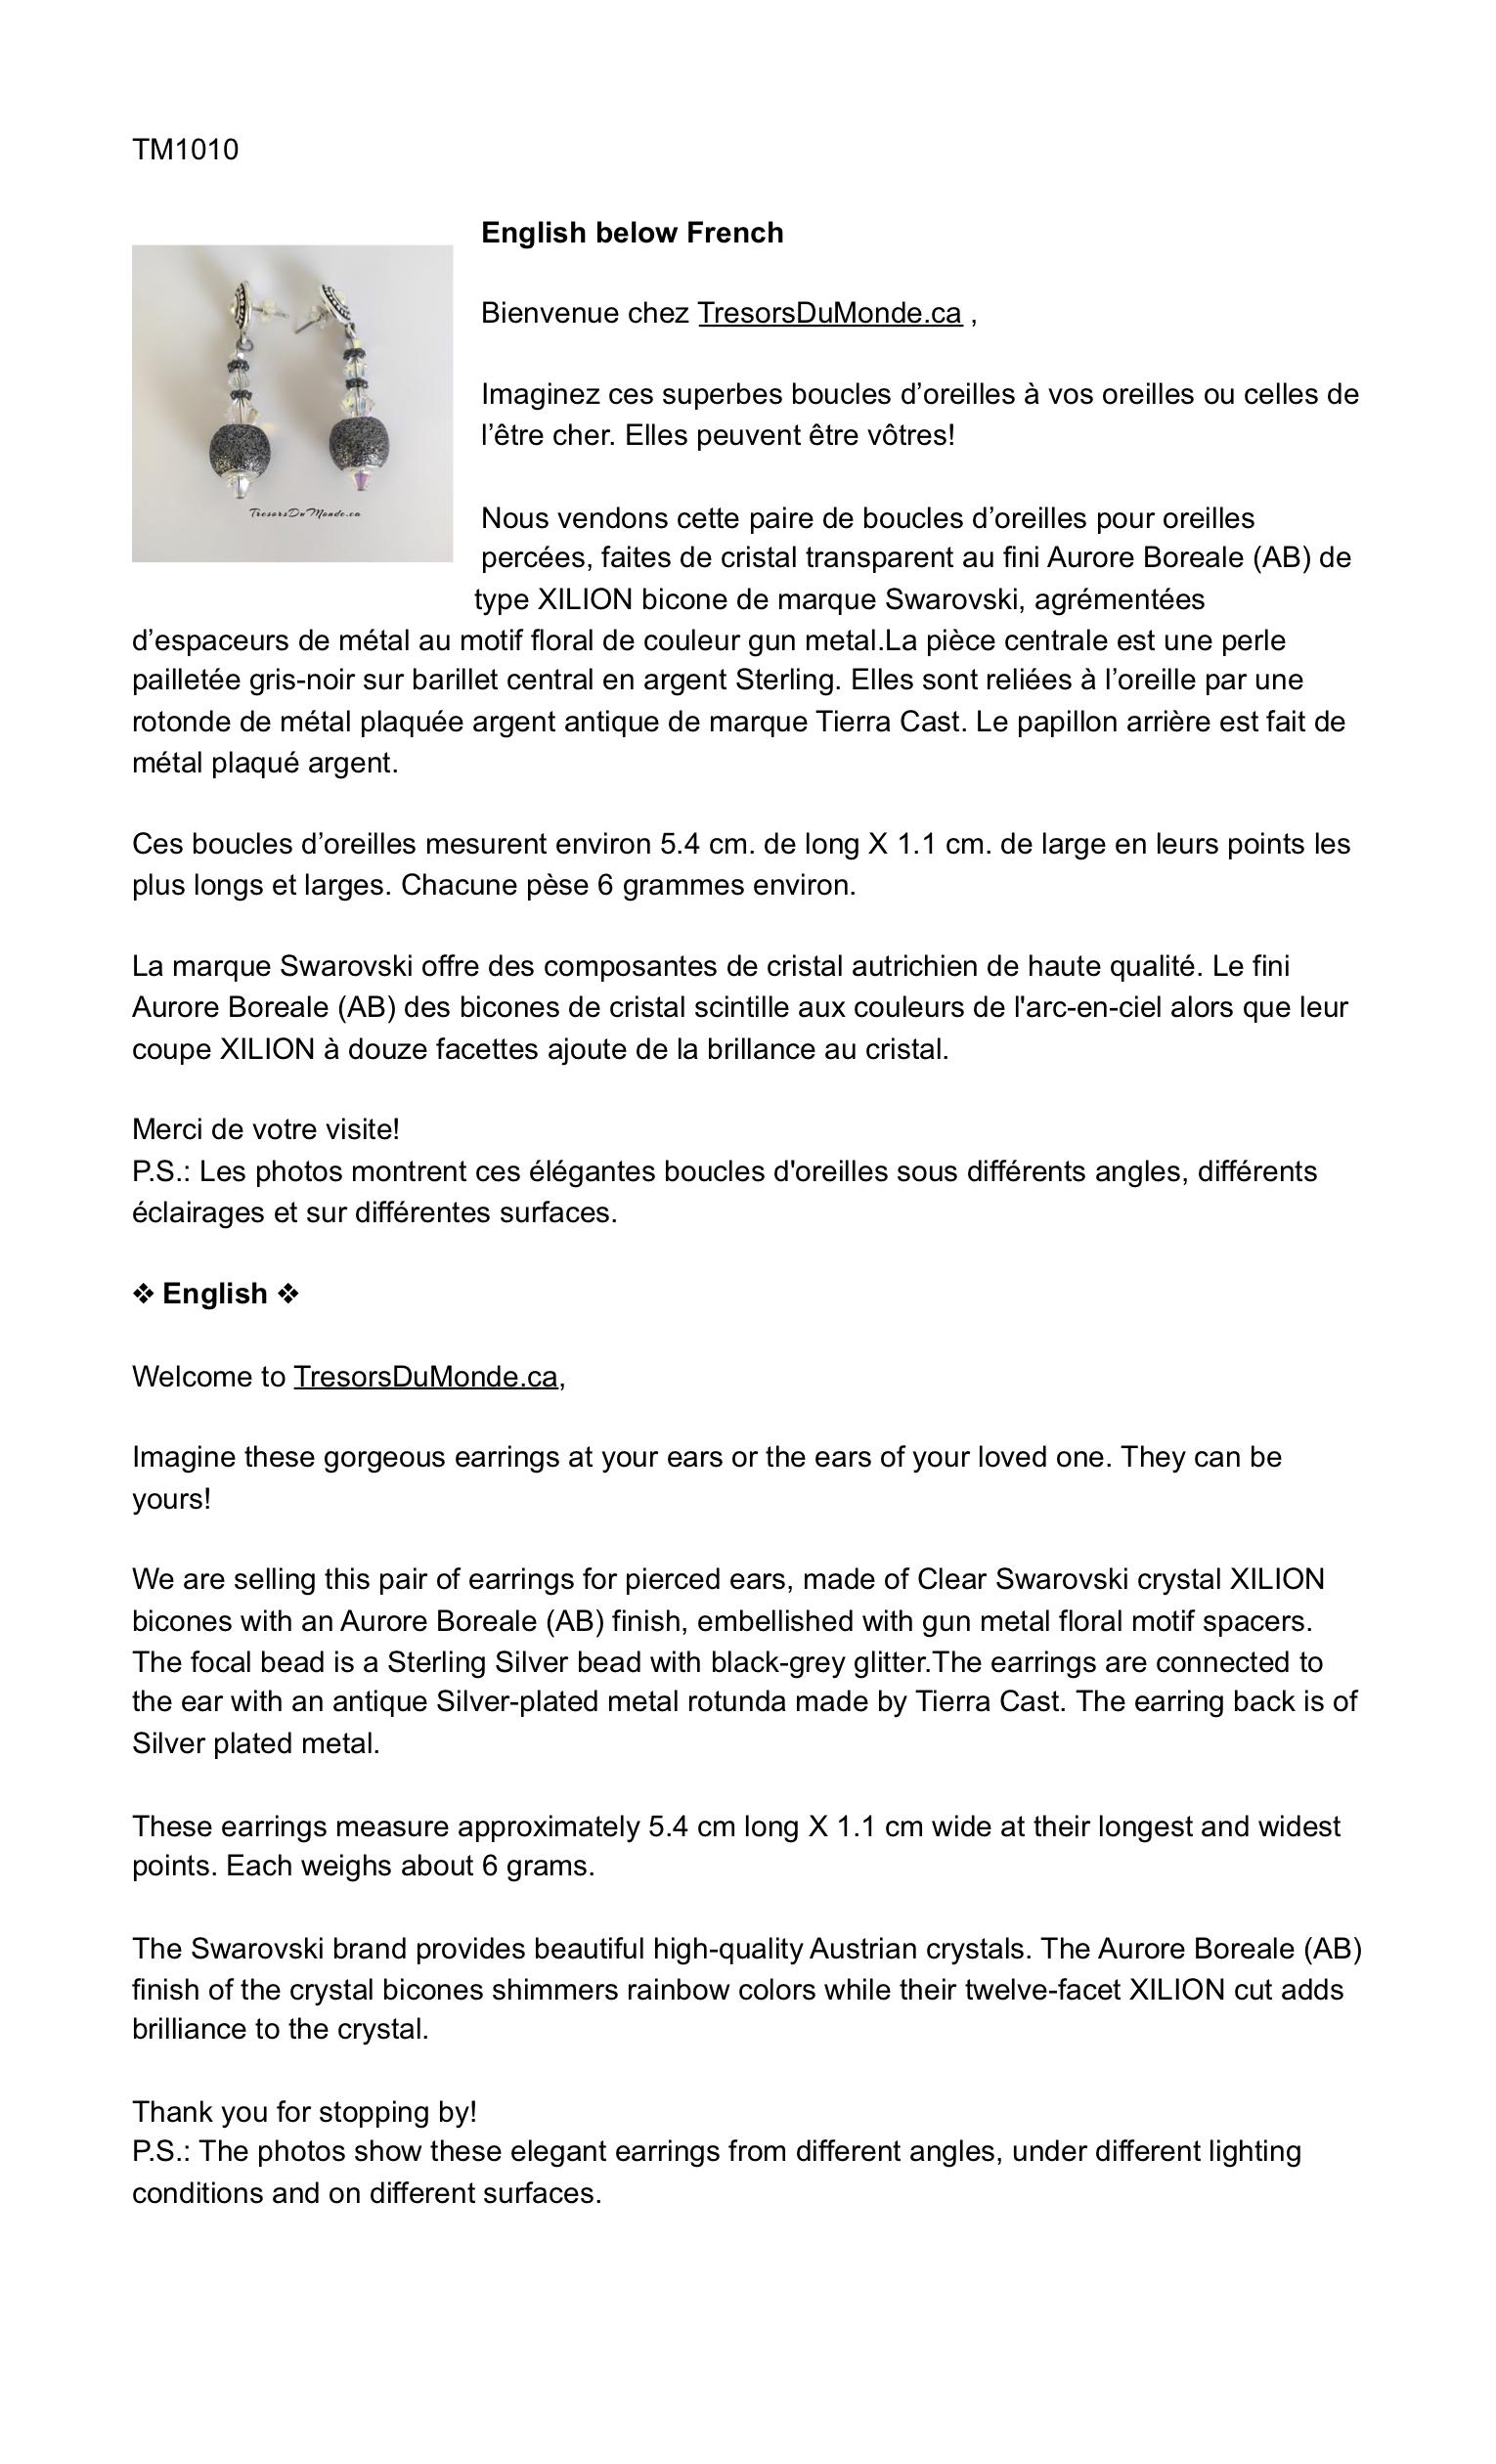 TduMinc_LISTING1010.jpg